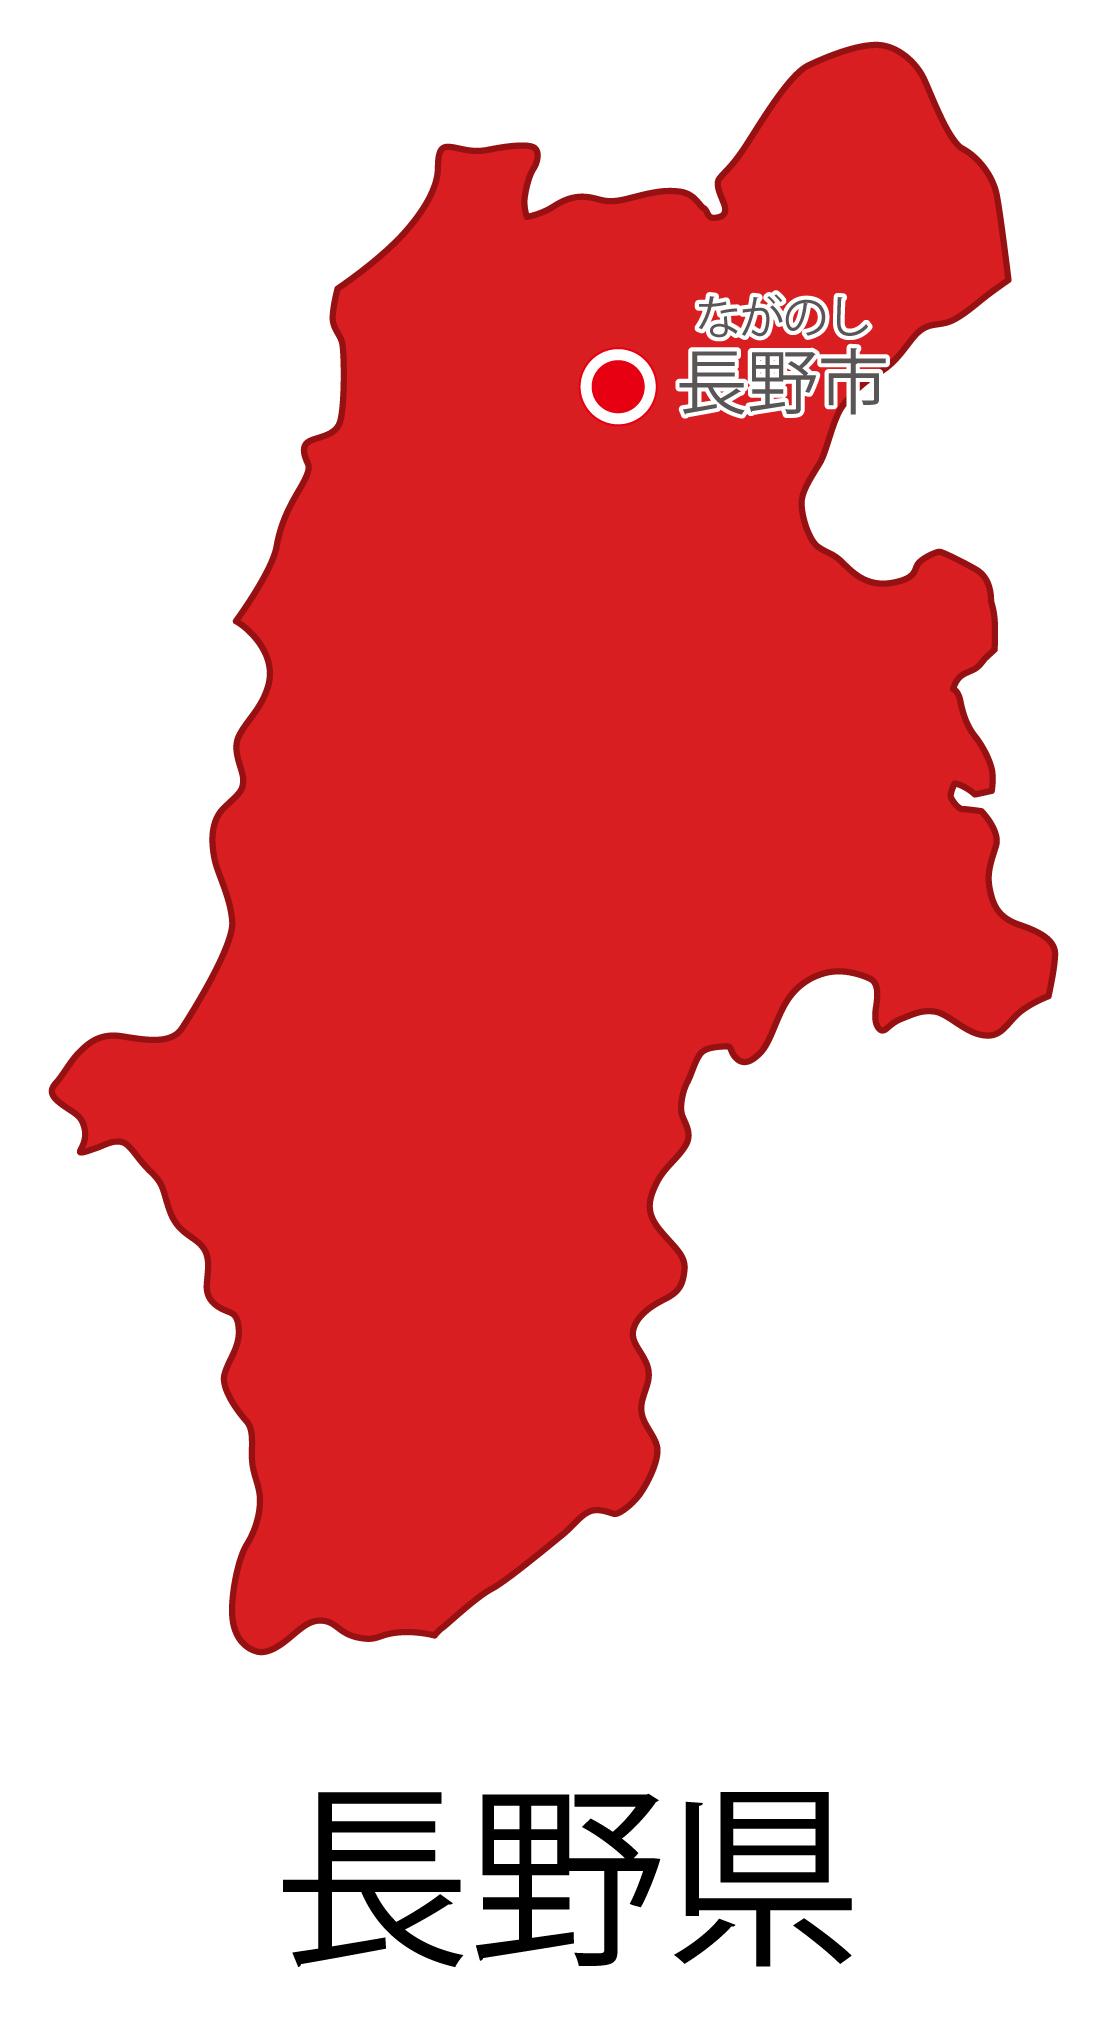 長野県無料フリーイラスト|日本語・都道府県名あり・県庁所在地あり・ルビあり(赤)